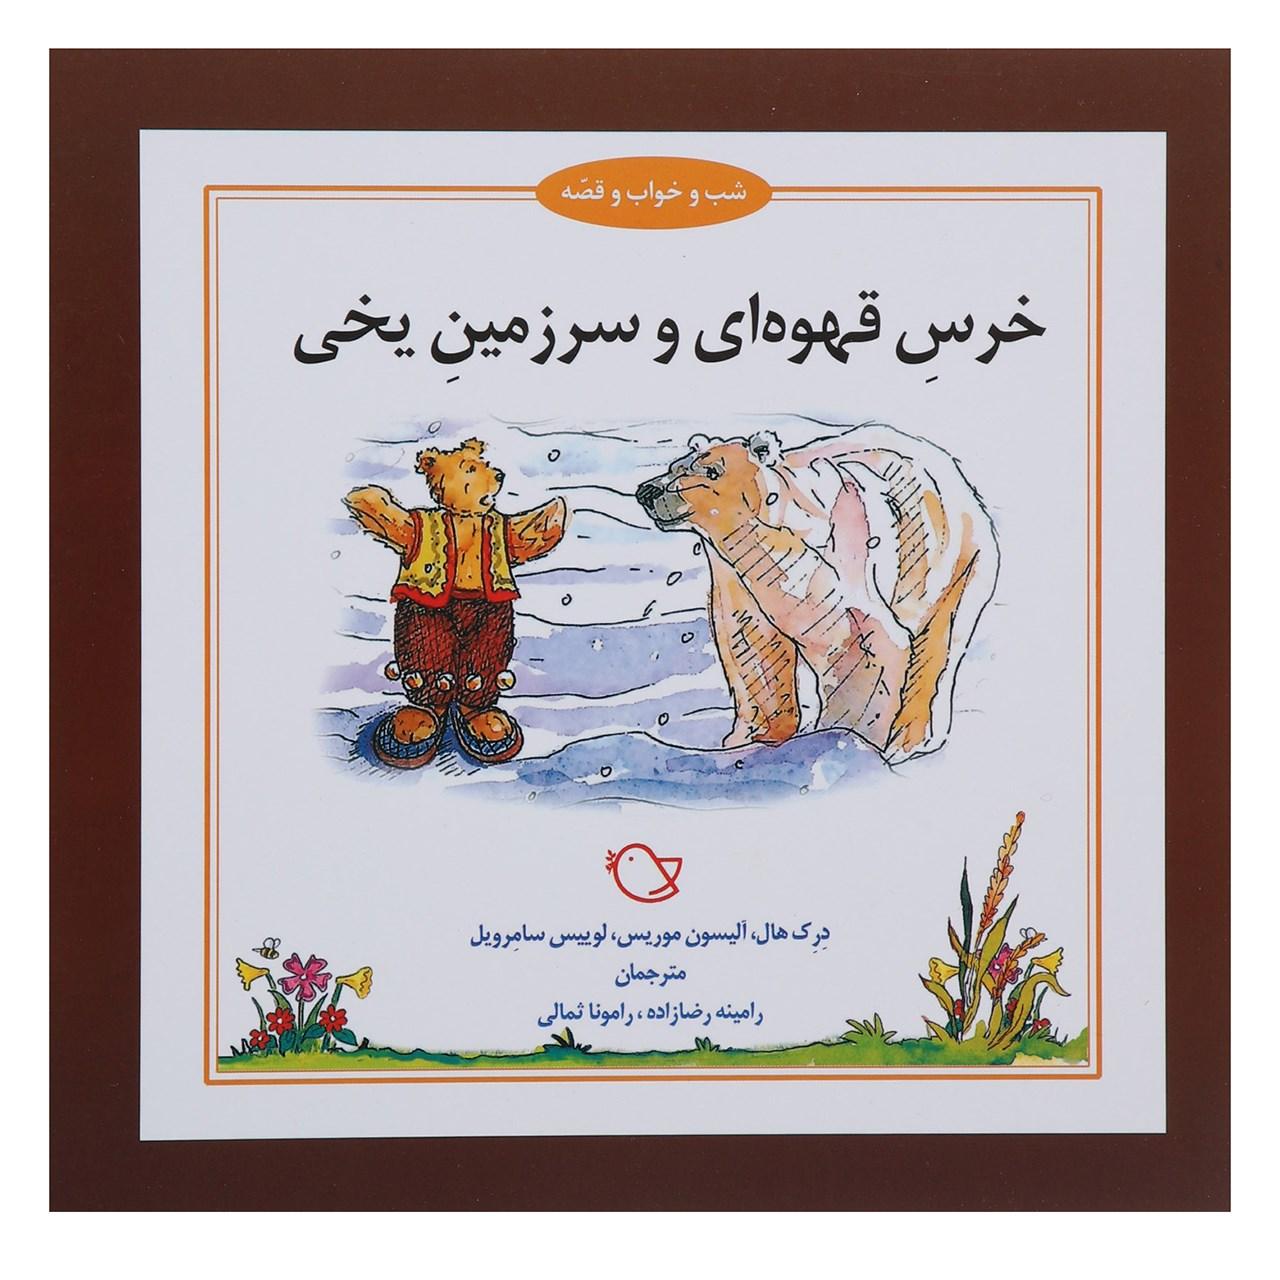 کتاب خرس قهوه ای و سرزمین یخی اثر درک هال